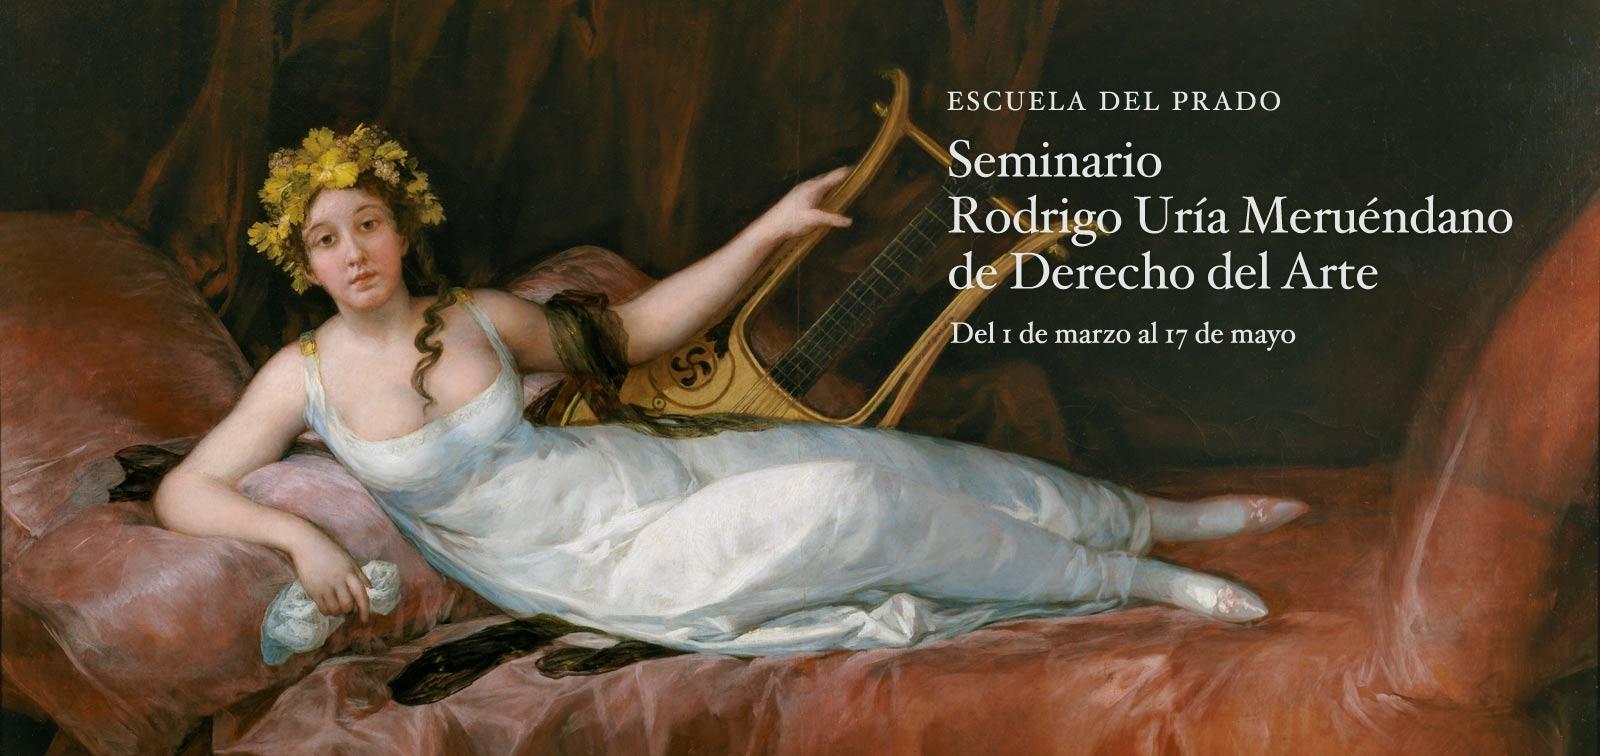 Seminario Rodrigo Uría Meruéndano de Derecho del Arte